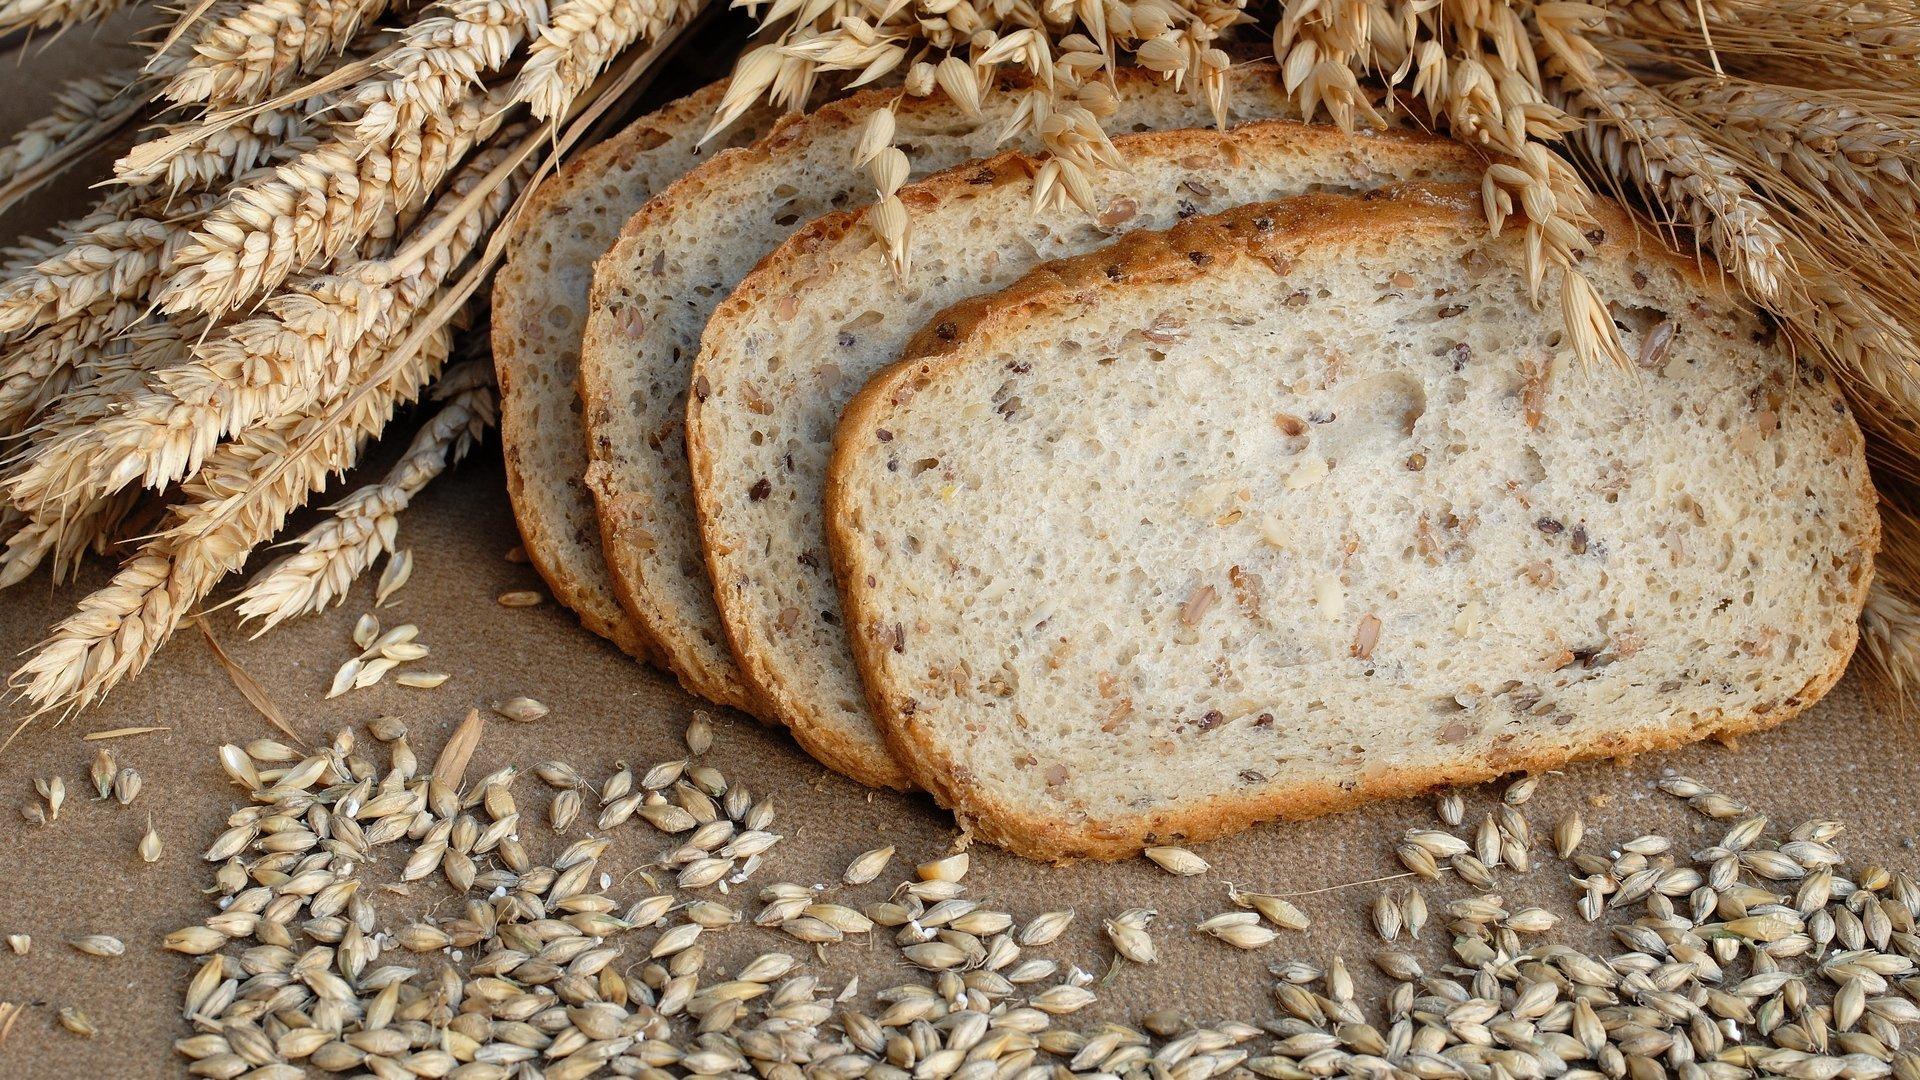 Как испечь ржаной хлеб дома в духовке без дрожжей на закваске видео